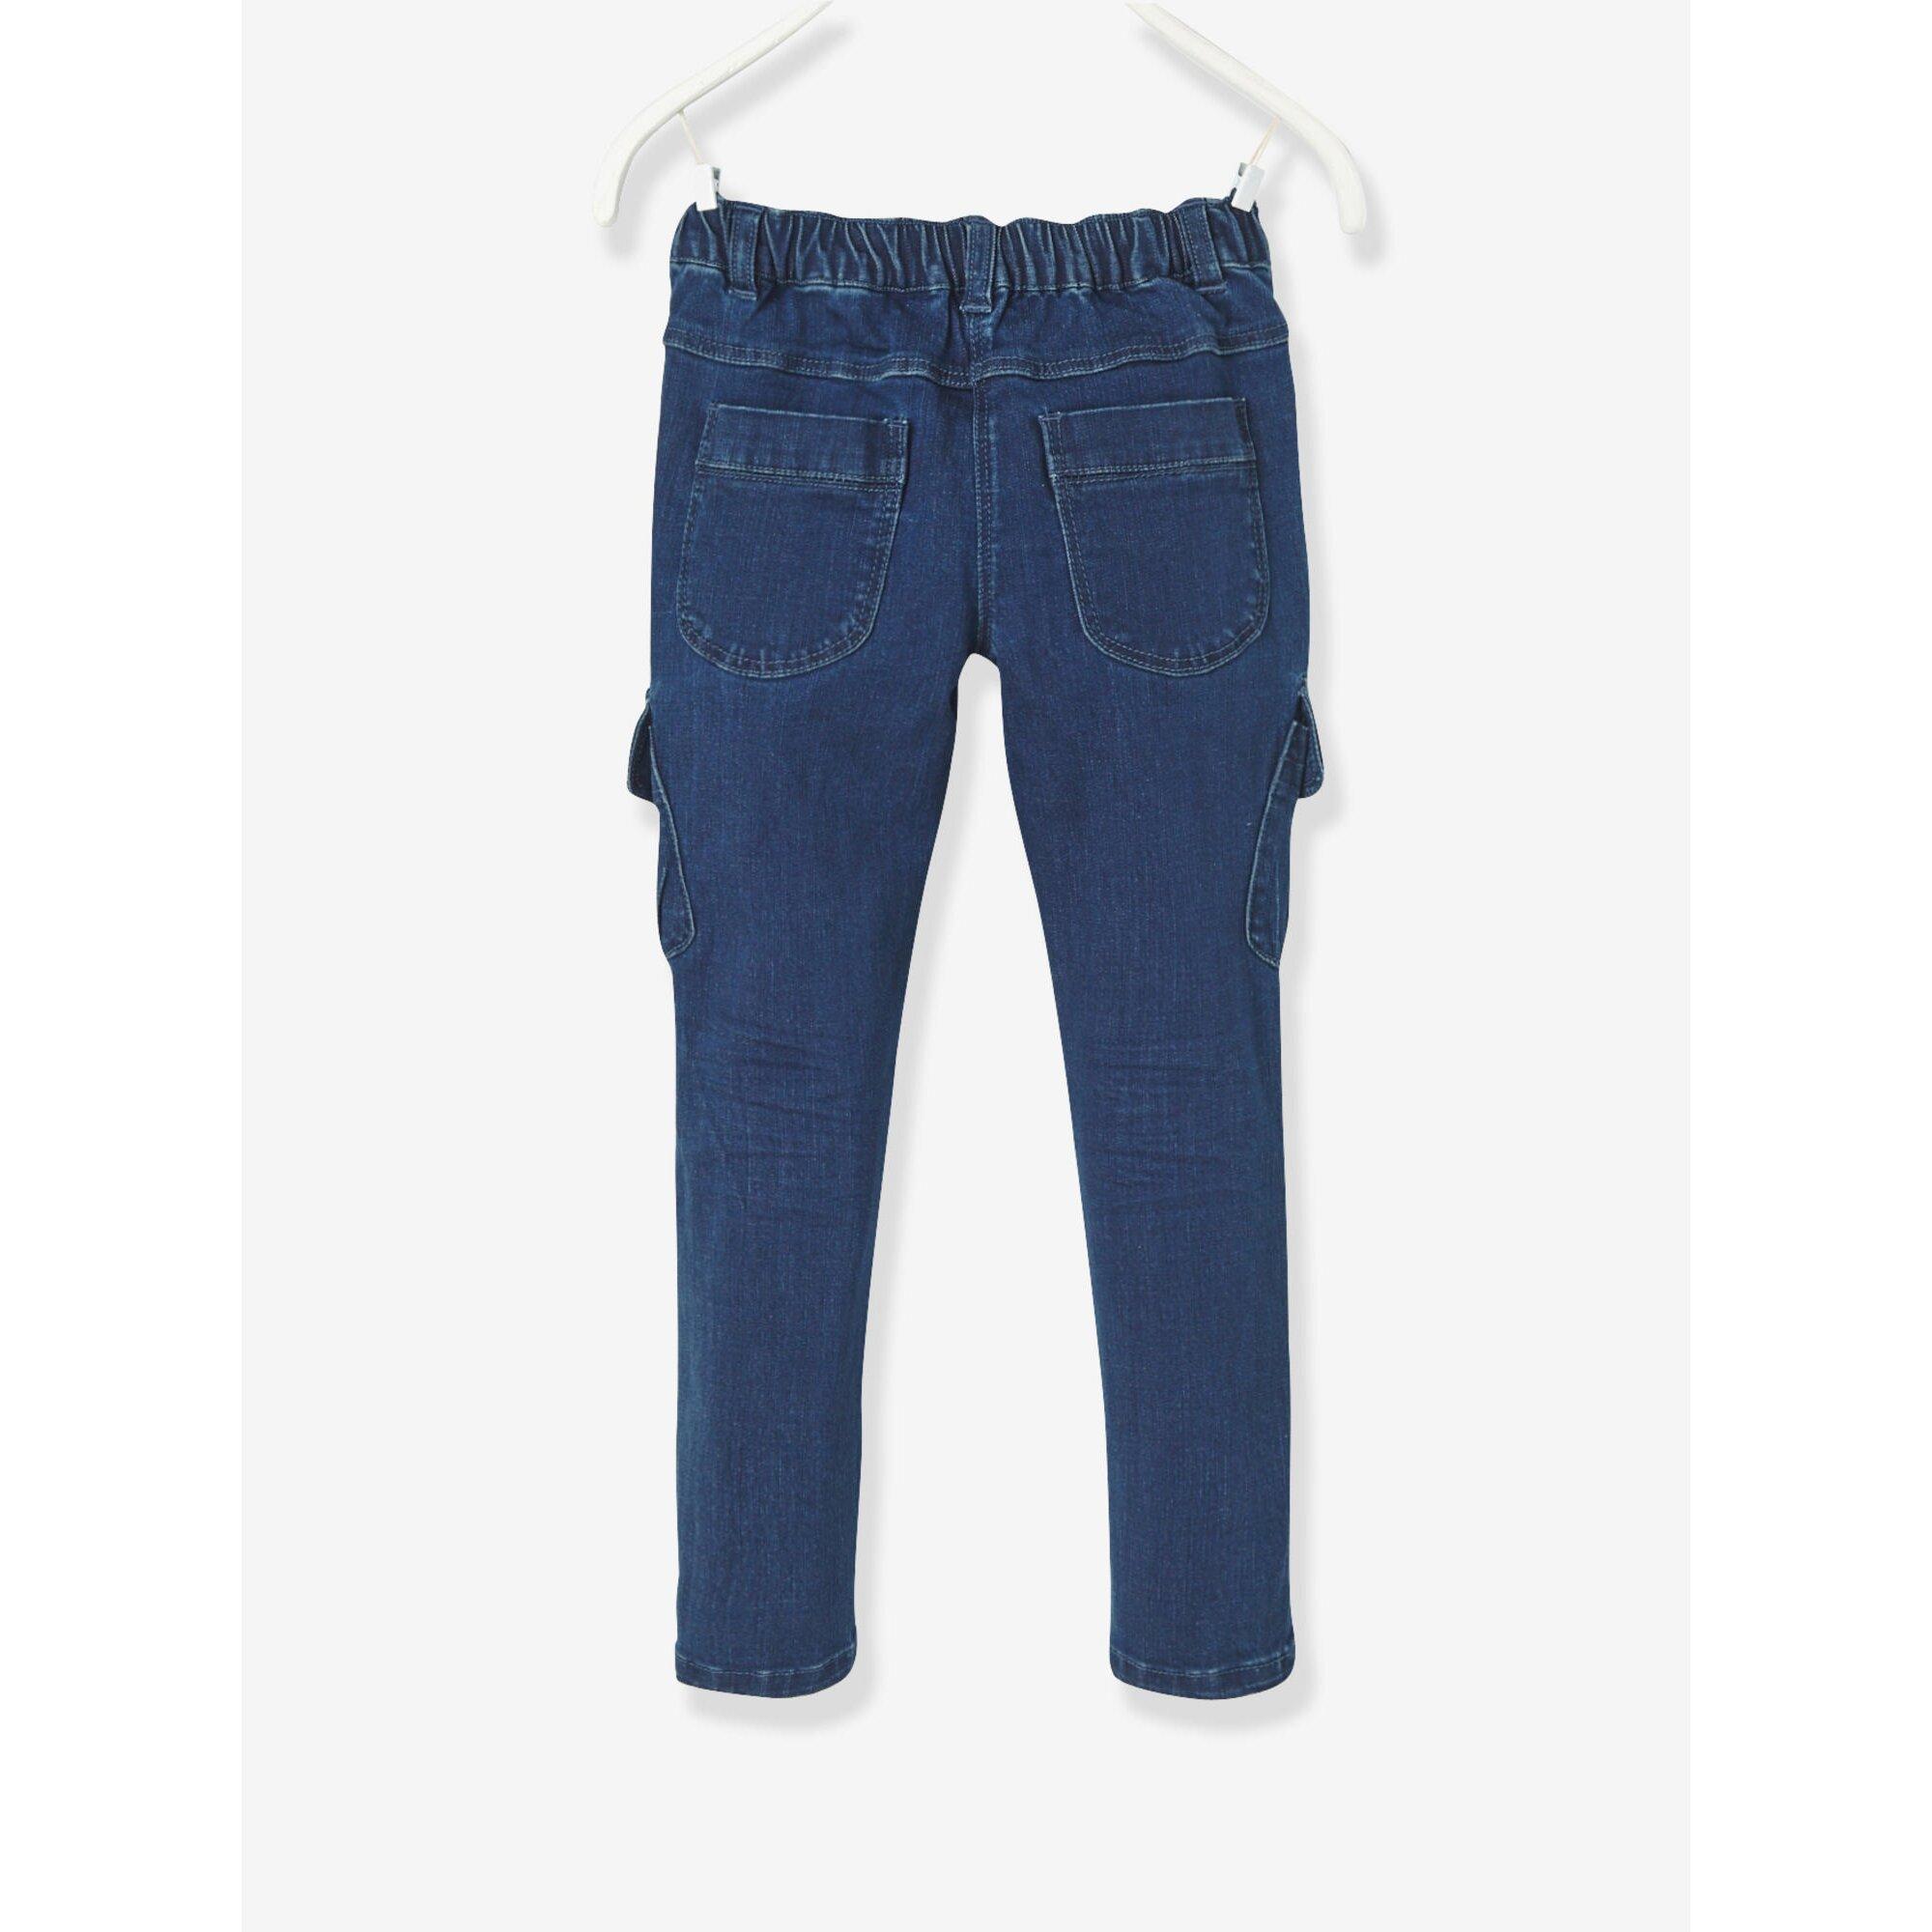 vertbaudet-madchen-slim-fit-jeans-huftweite-regular, 25.99 EUR @ babywalz-de